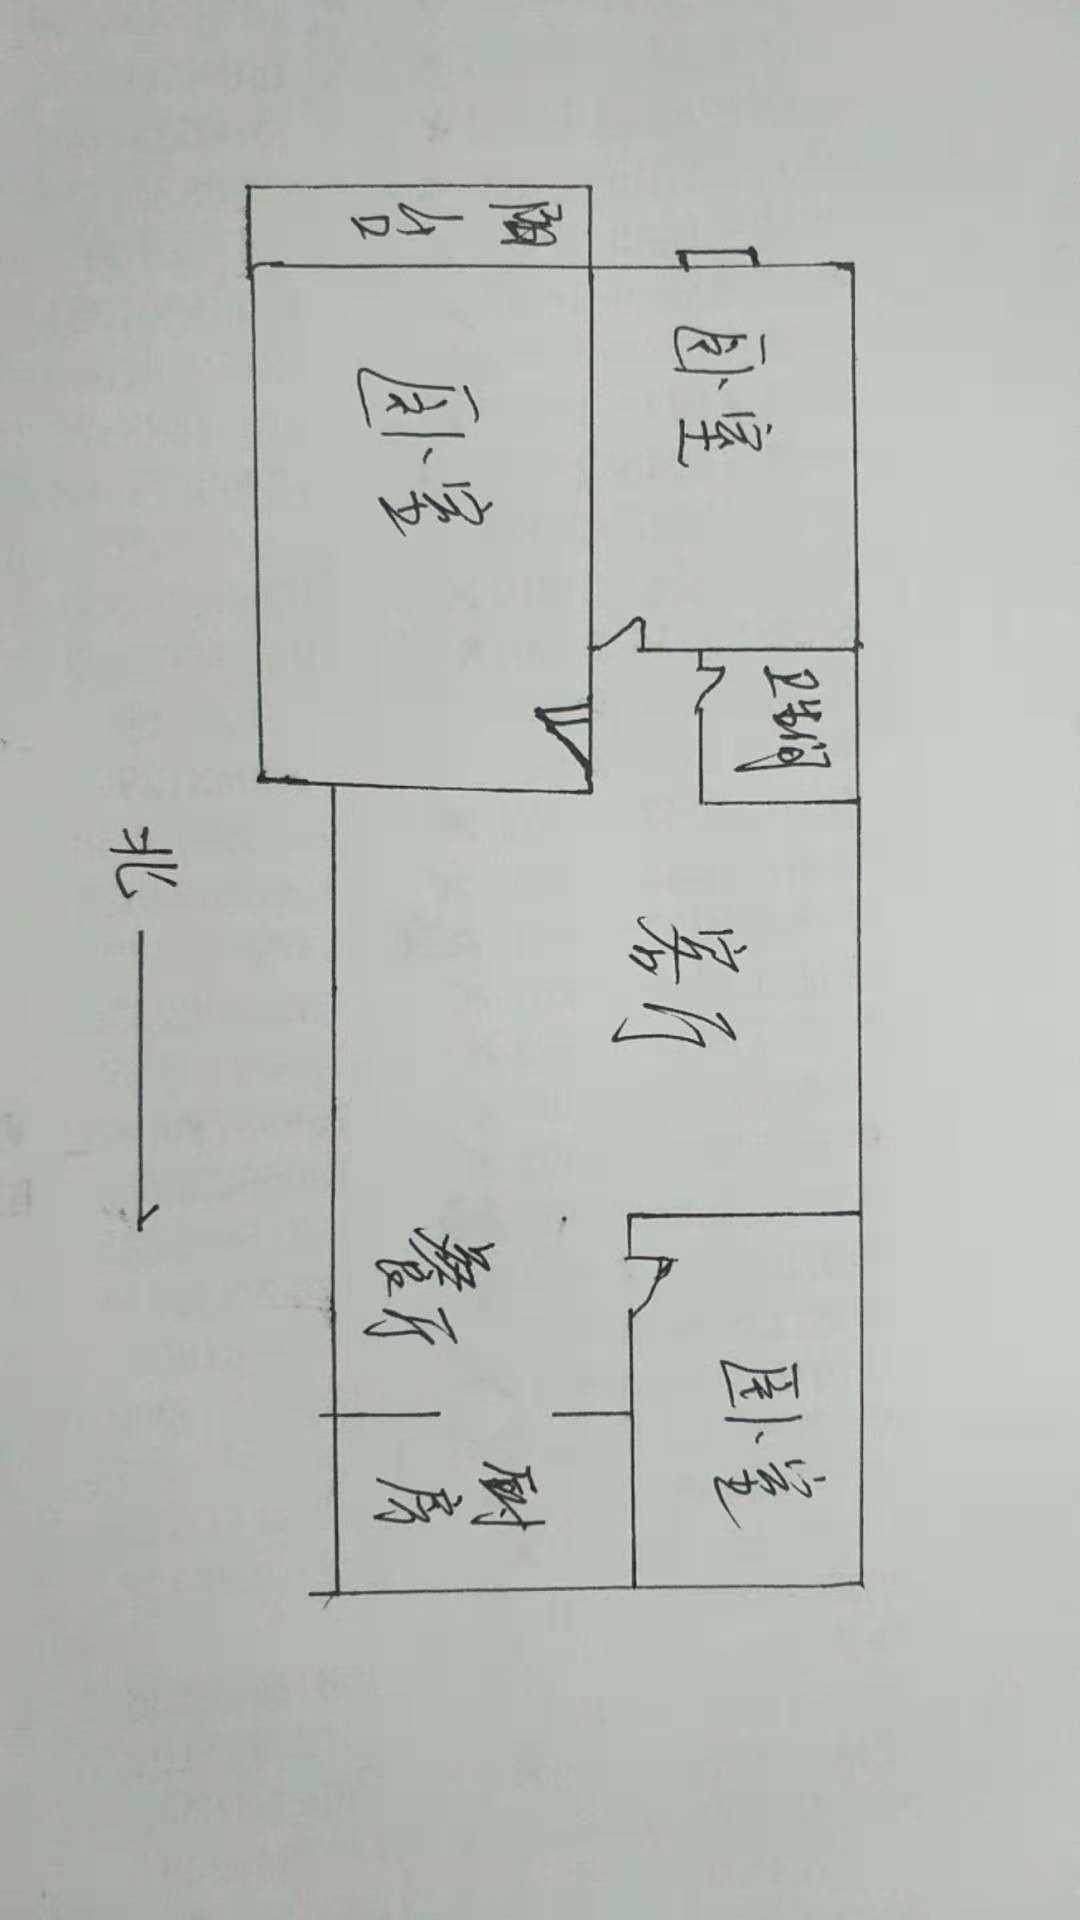 华清庄园 3室2厅  简装 85万